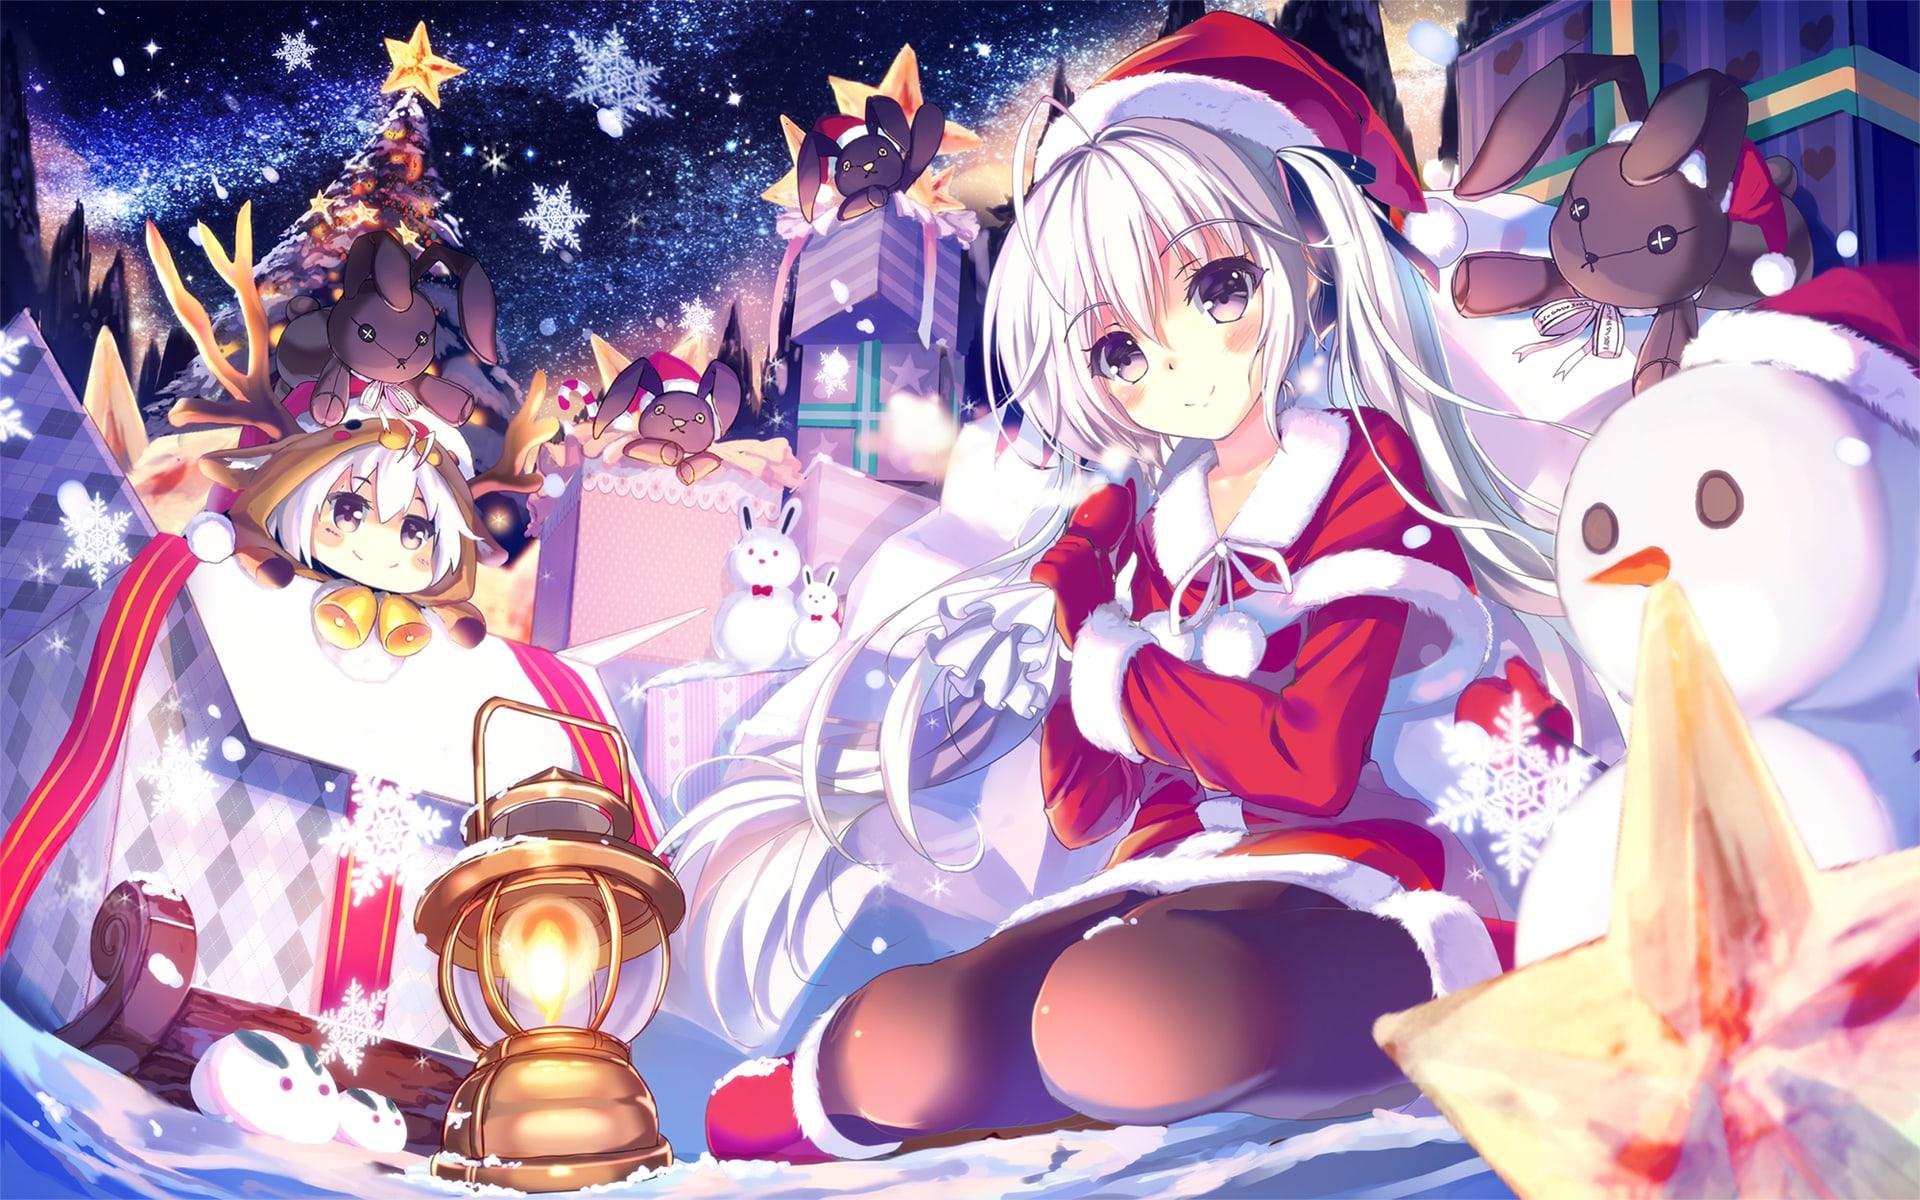 Thẻ: ảnh anime đẹp vào giáng sinh. [ Fanart Anime ] Christmas